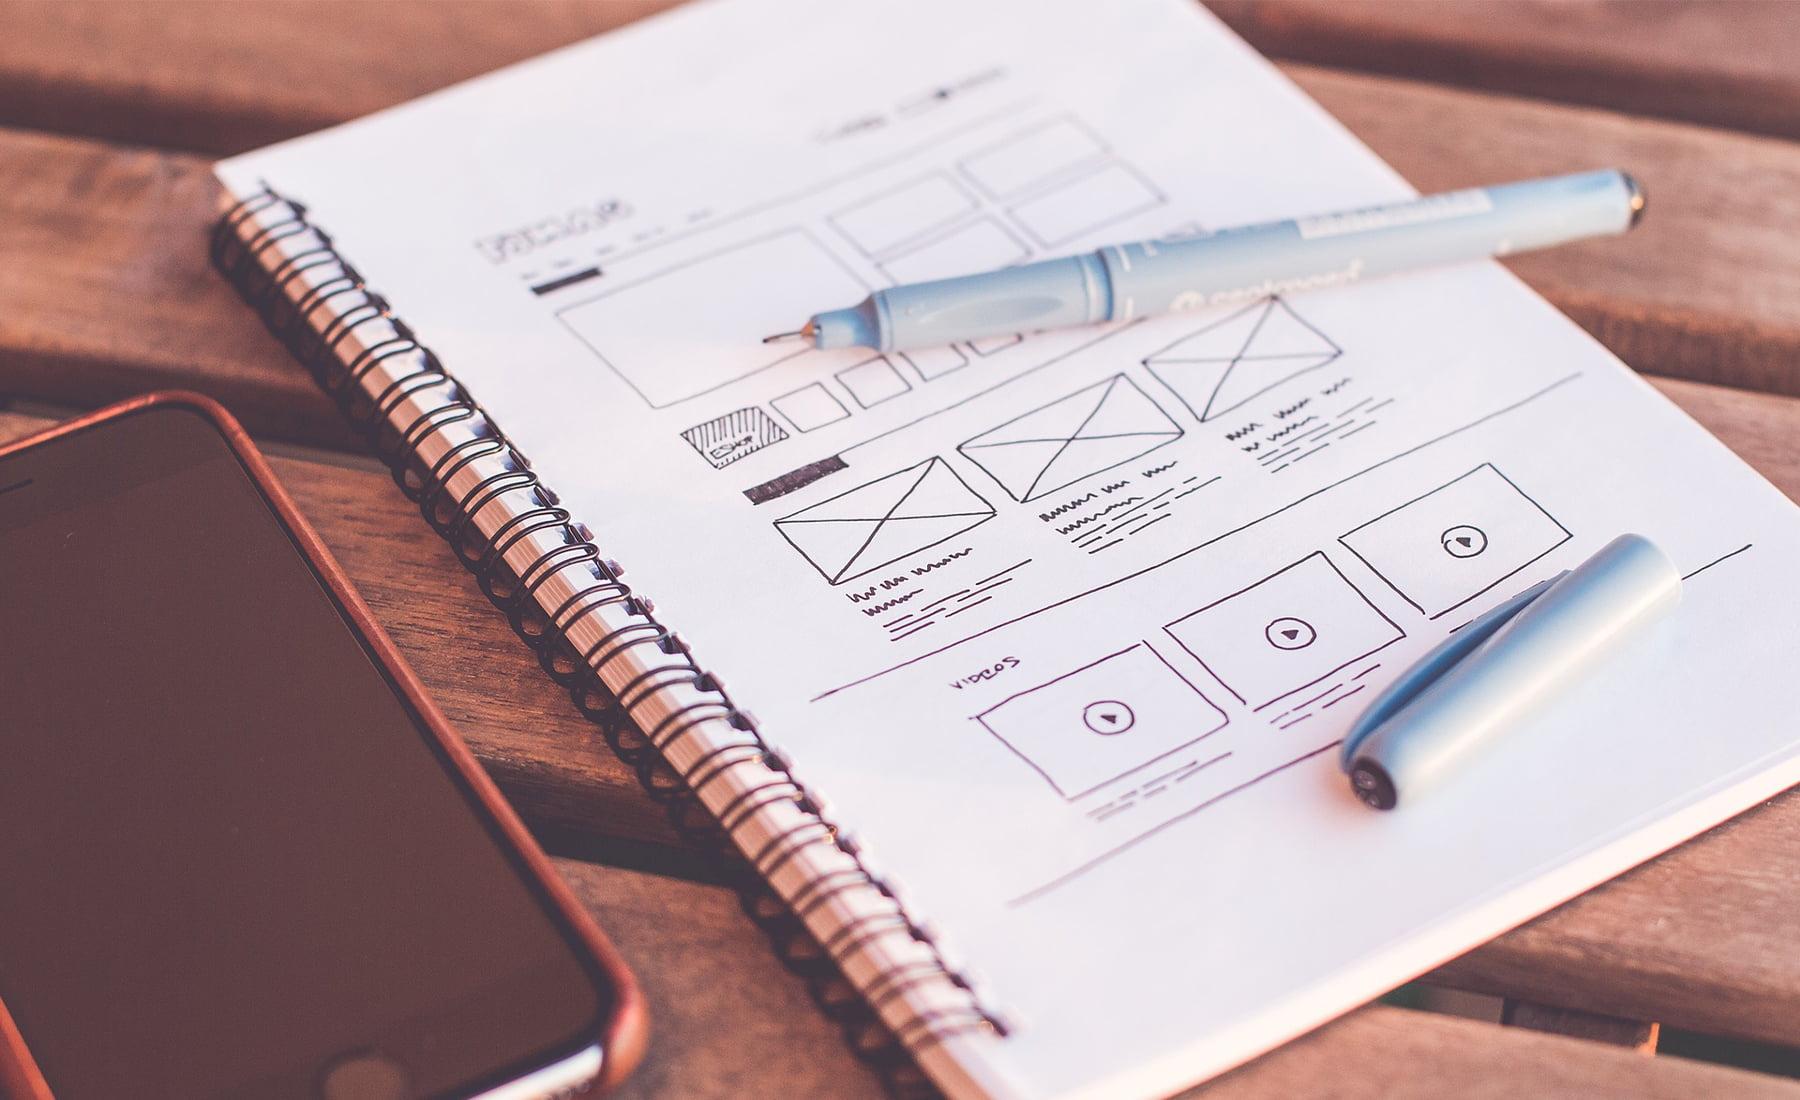 Hiérarchie Visuelle, design de site web